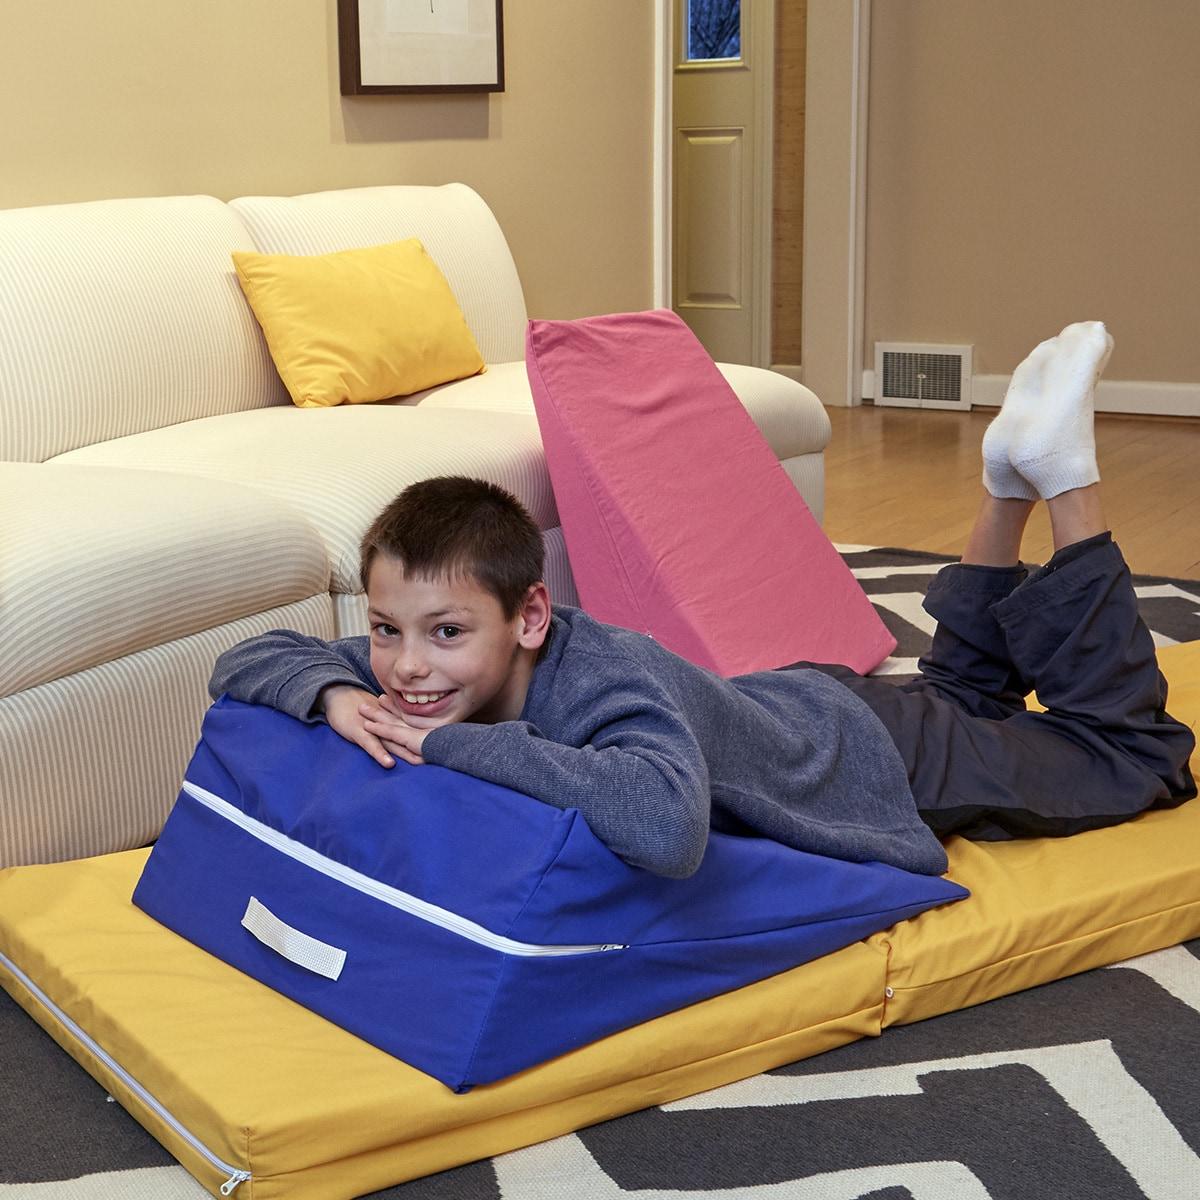 Royal Blue Kids' Wedge Lounge Cushion (Kids' Wedge Cushio...